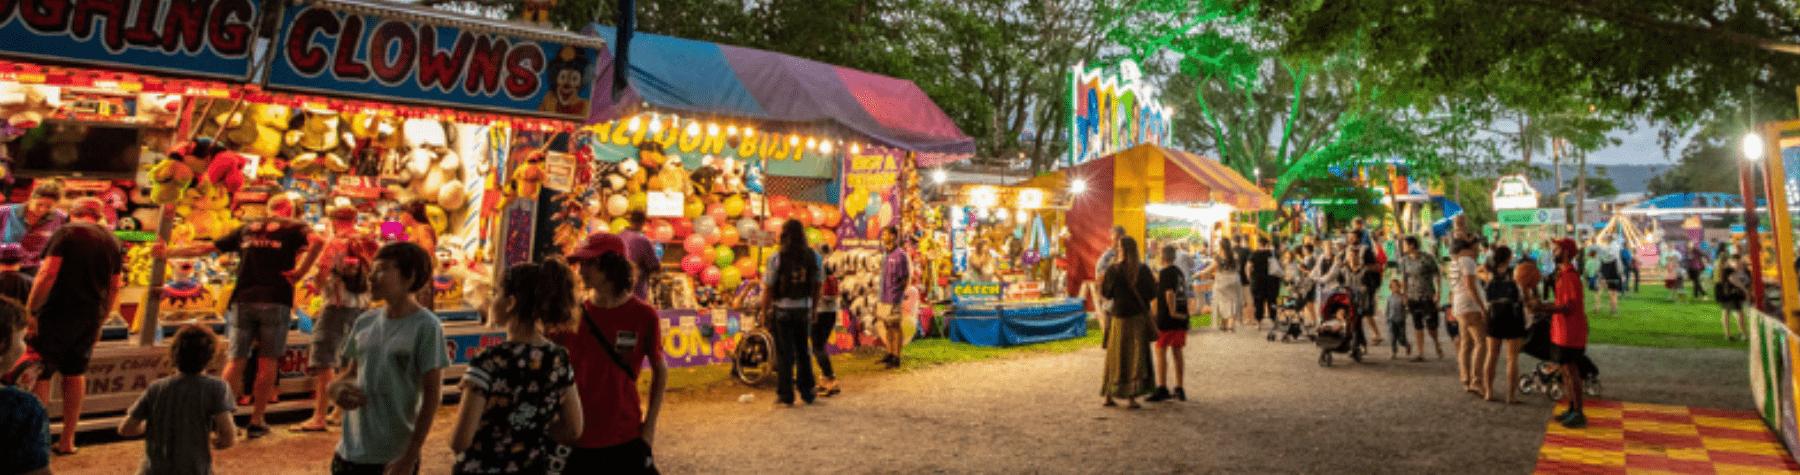 Mini Fun Fair cancelled